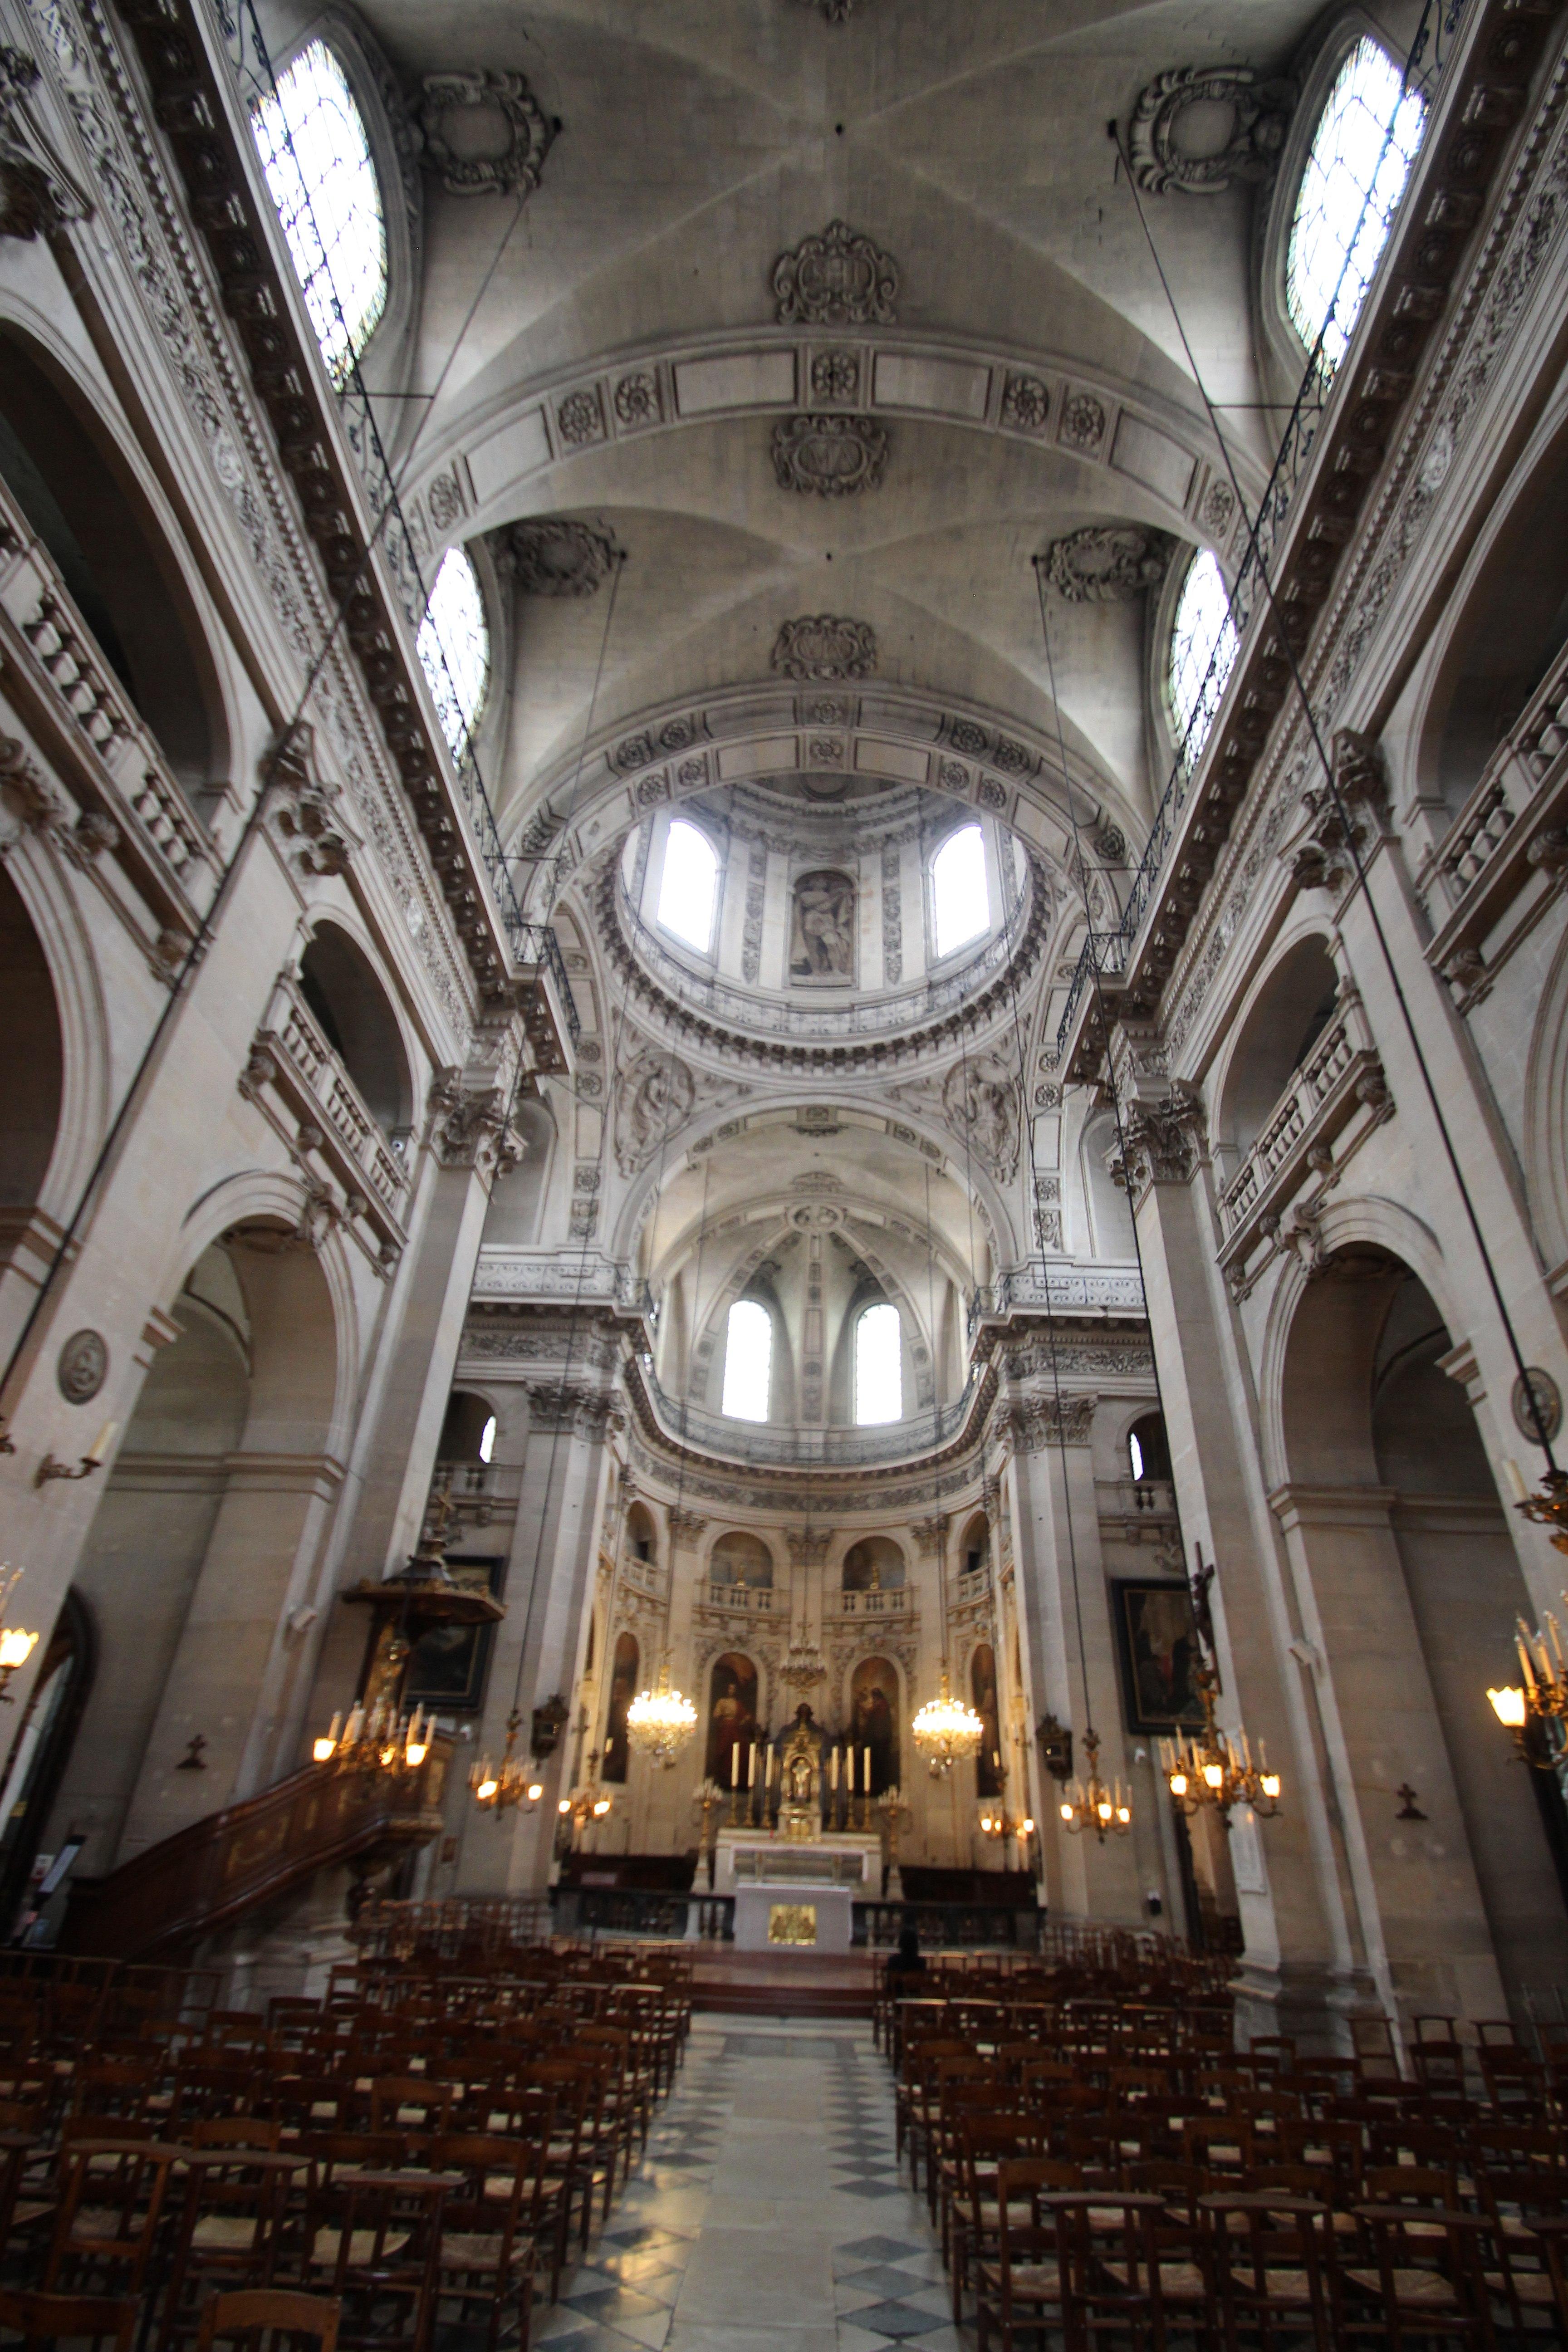 Architecte Interieur Paris 18 file:intérieur de l'église saint-paul-saint-louis à paris le